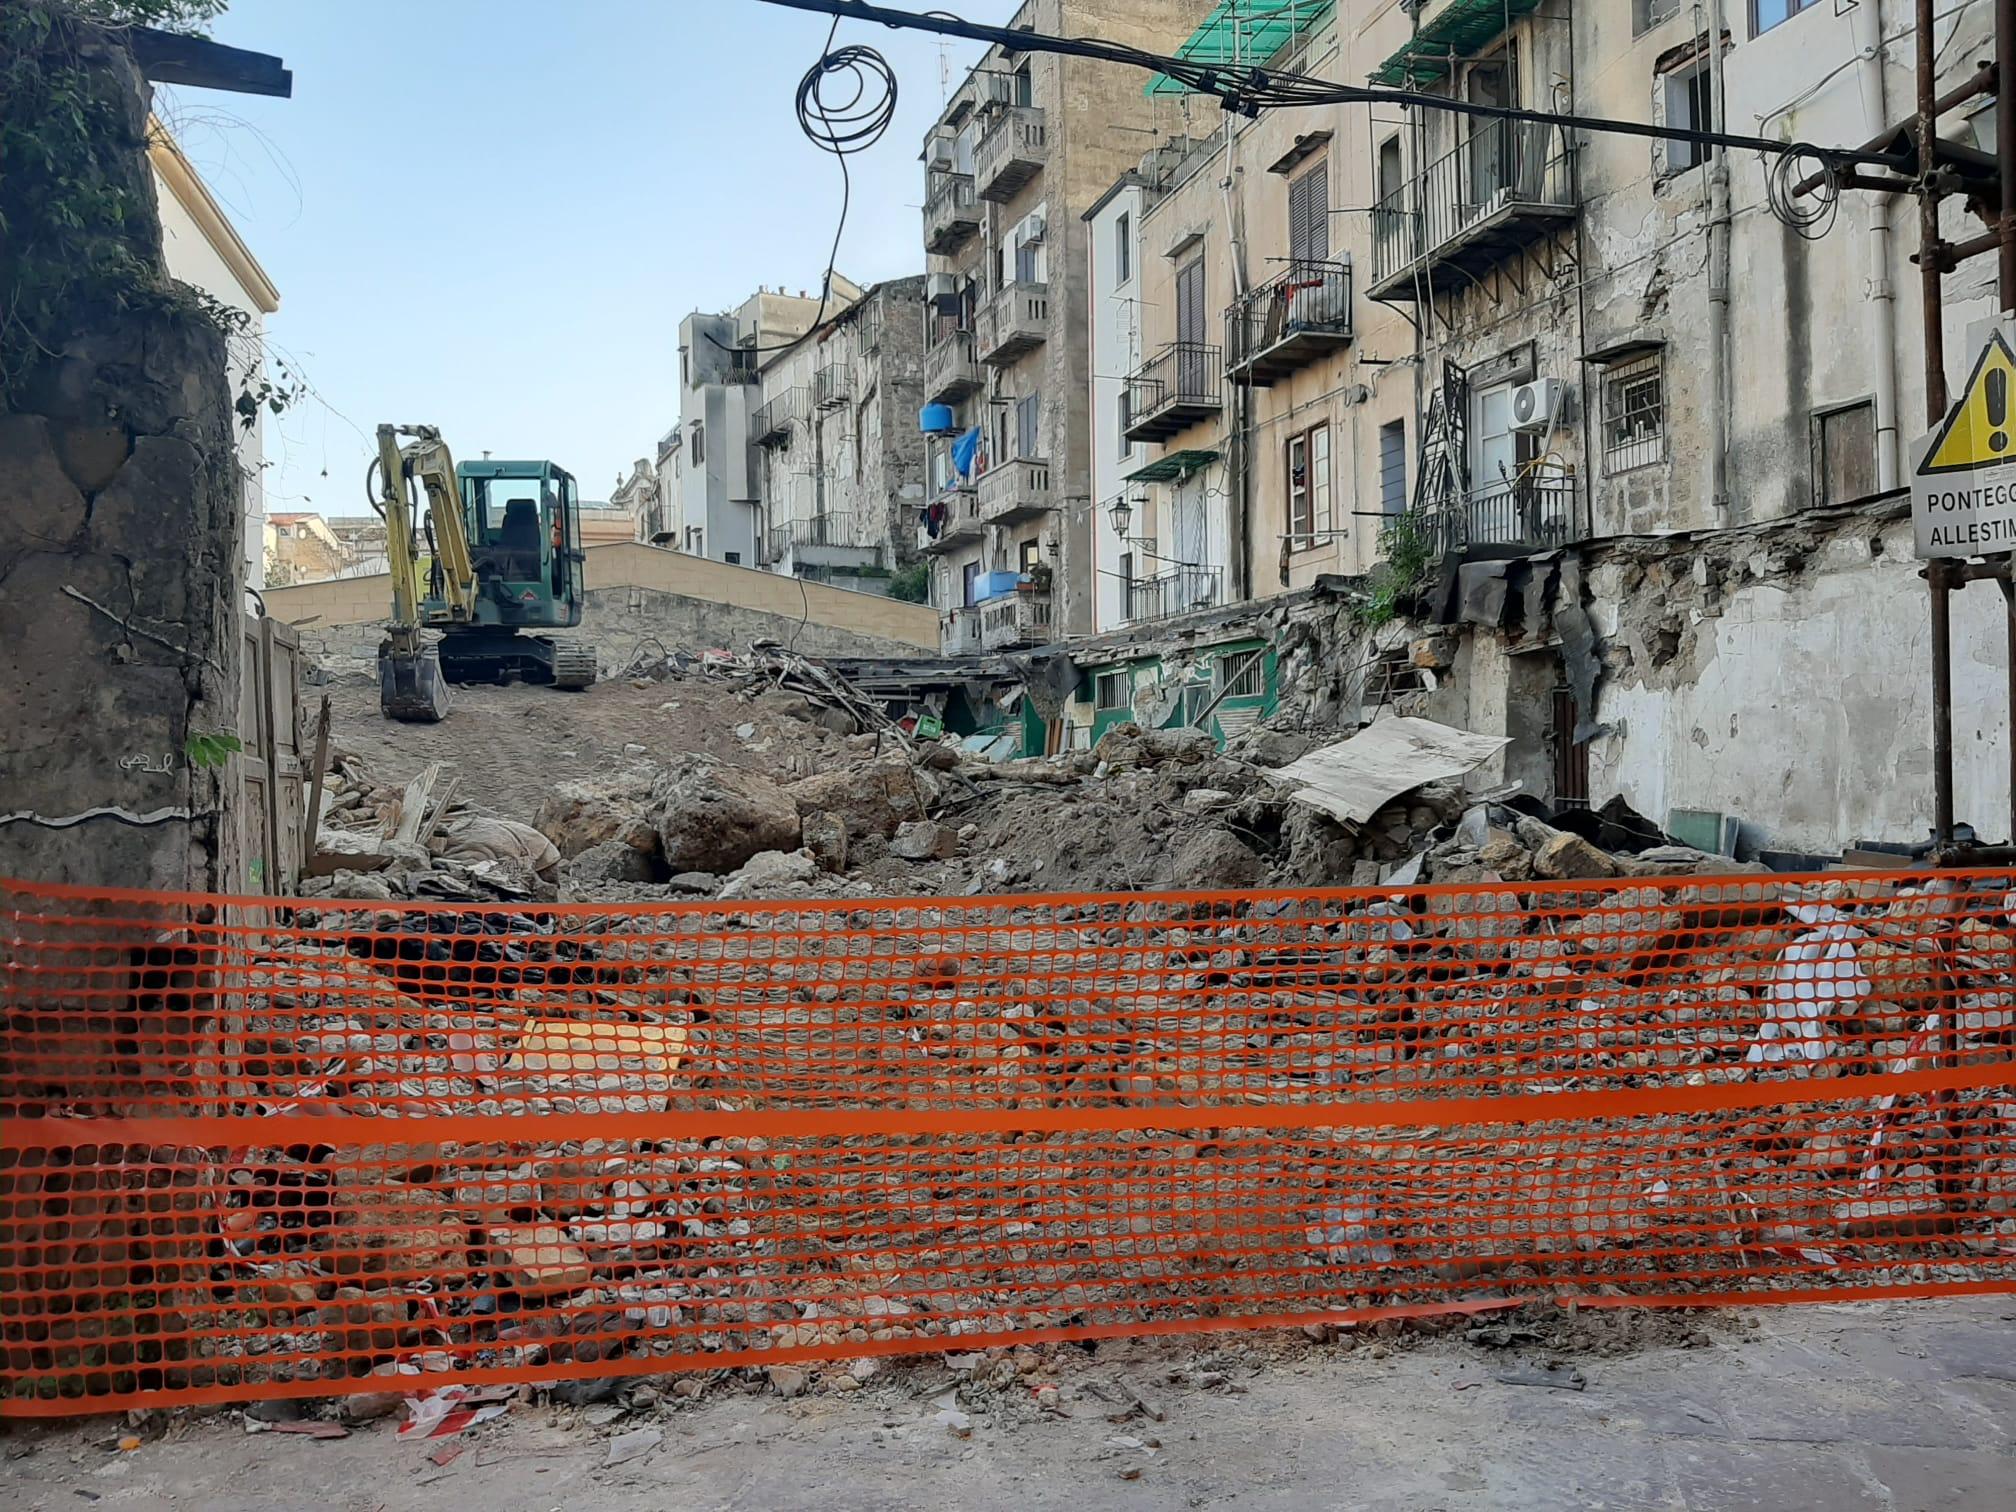 Cantiere senza necessarie misure di sicurezza in pieno centro storico: denunciati proprietario e direttore dei lavori